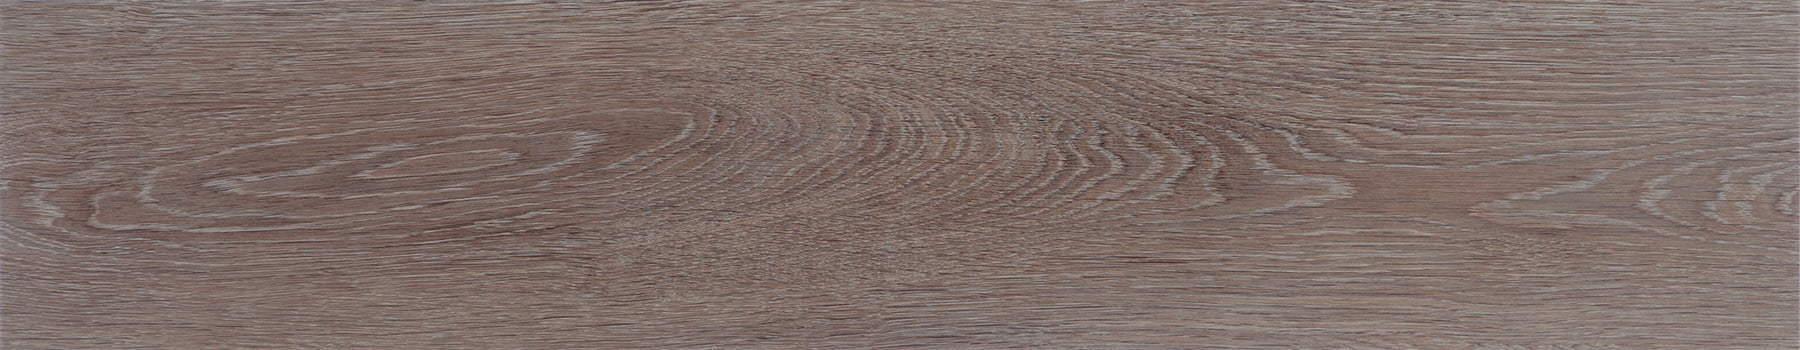 Виниловая плитка Art East - Tile Hit Ясень Найна (АТ 721)